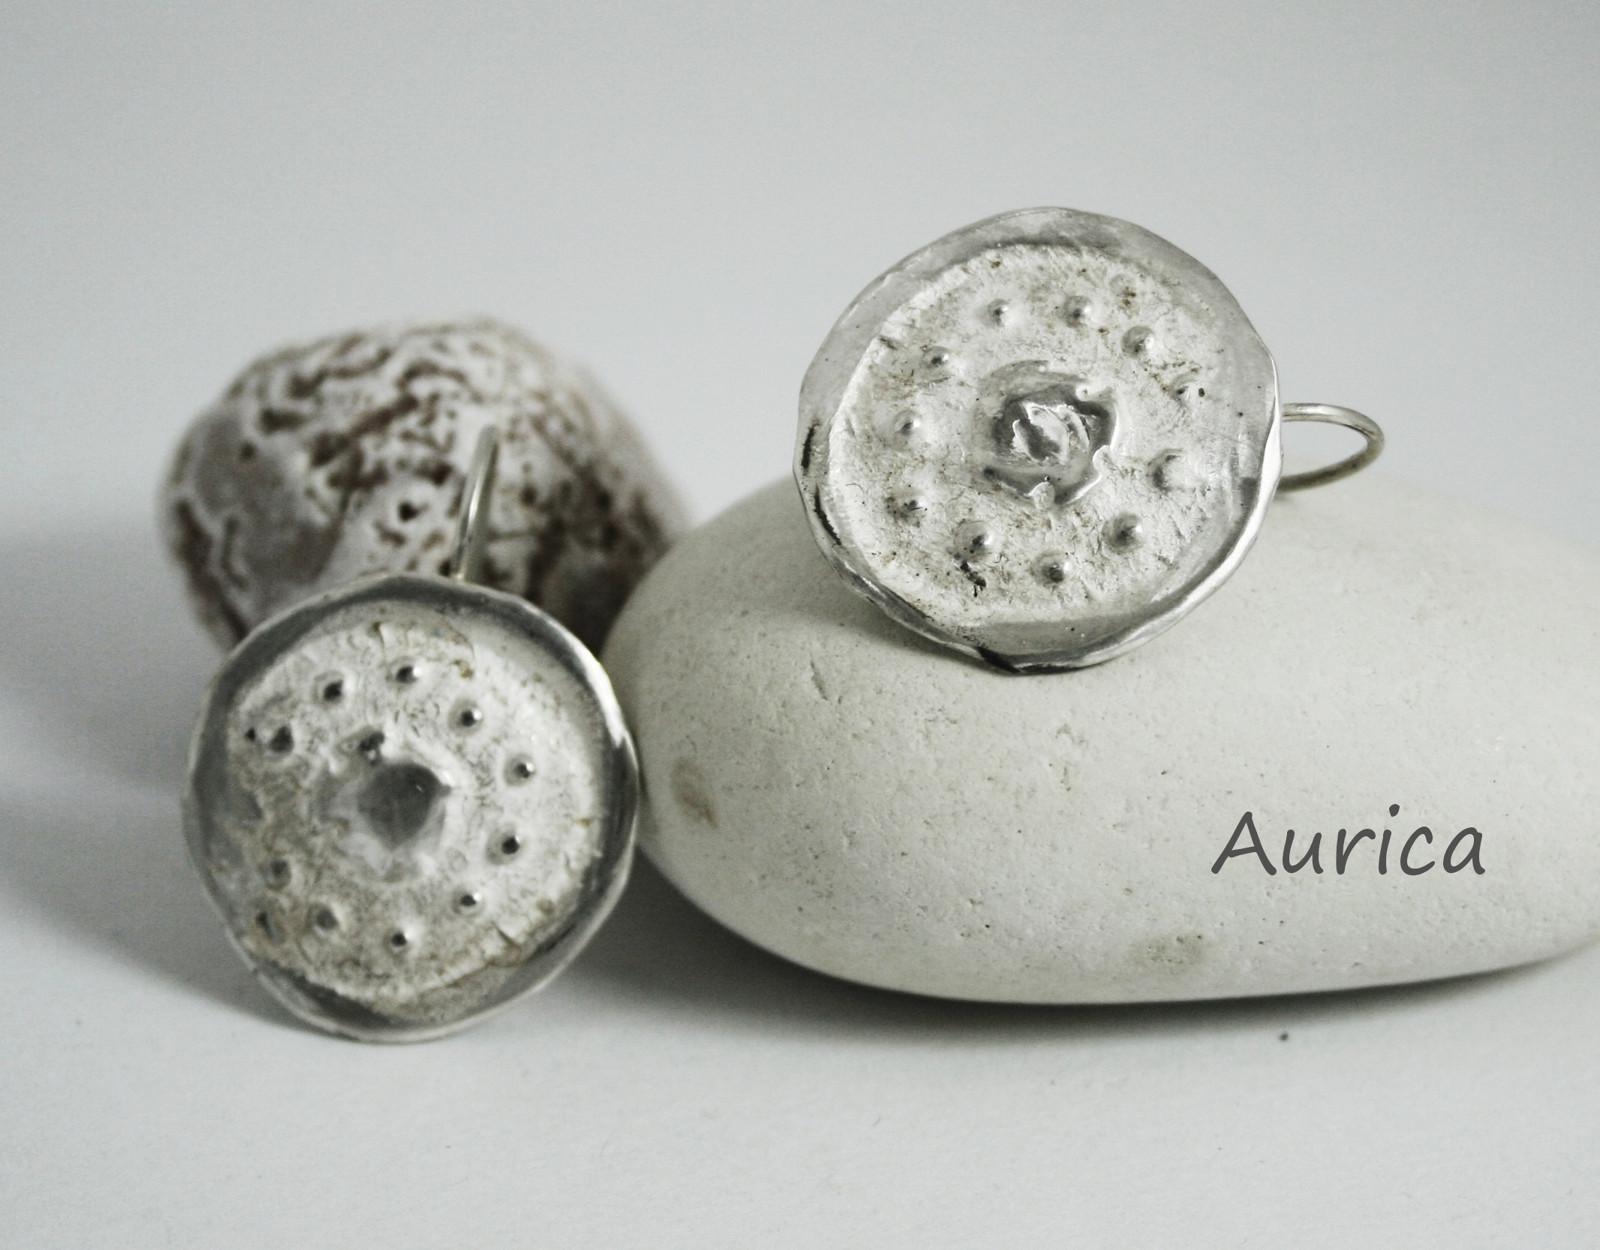 Stříbrné náušnice - Kolečka II   Zboží prodejce Aurica  31b1b4fda2e